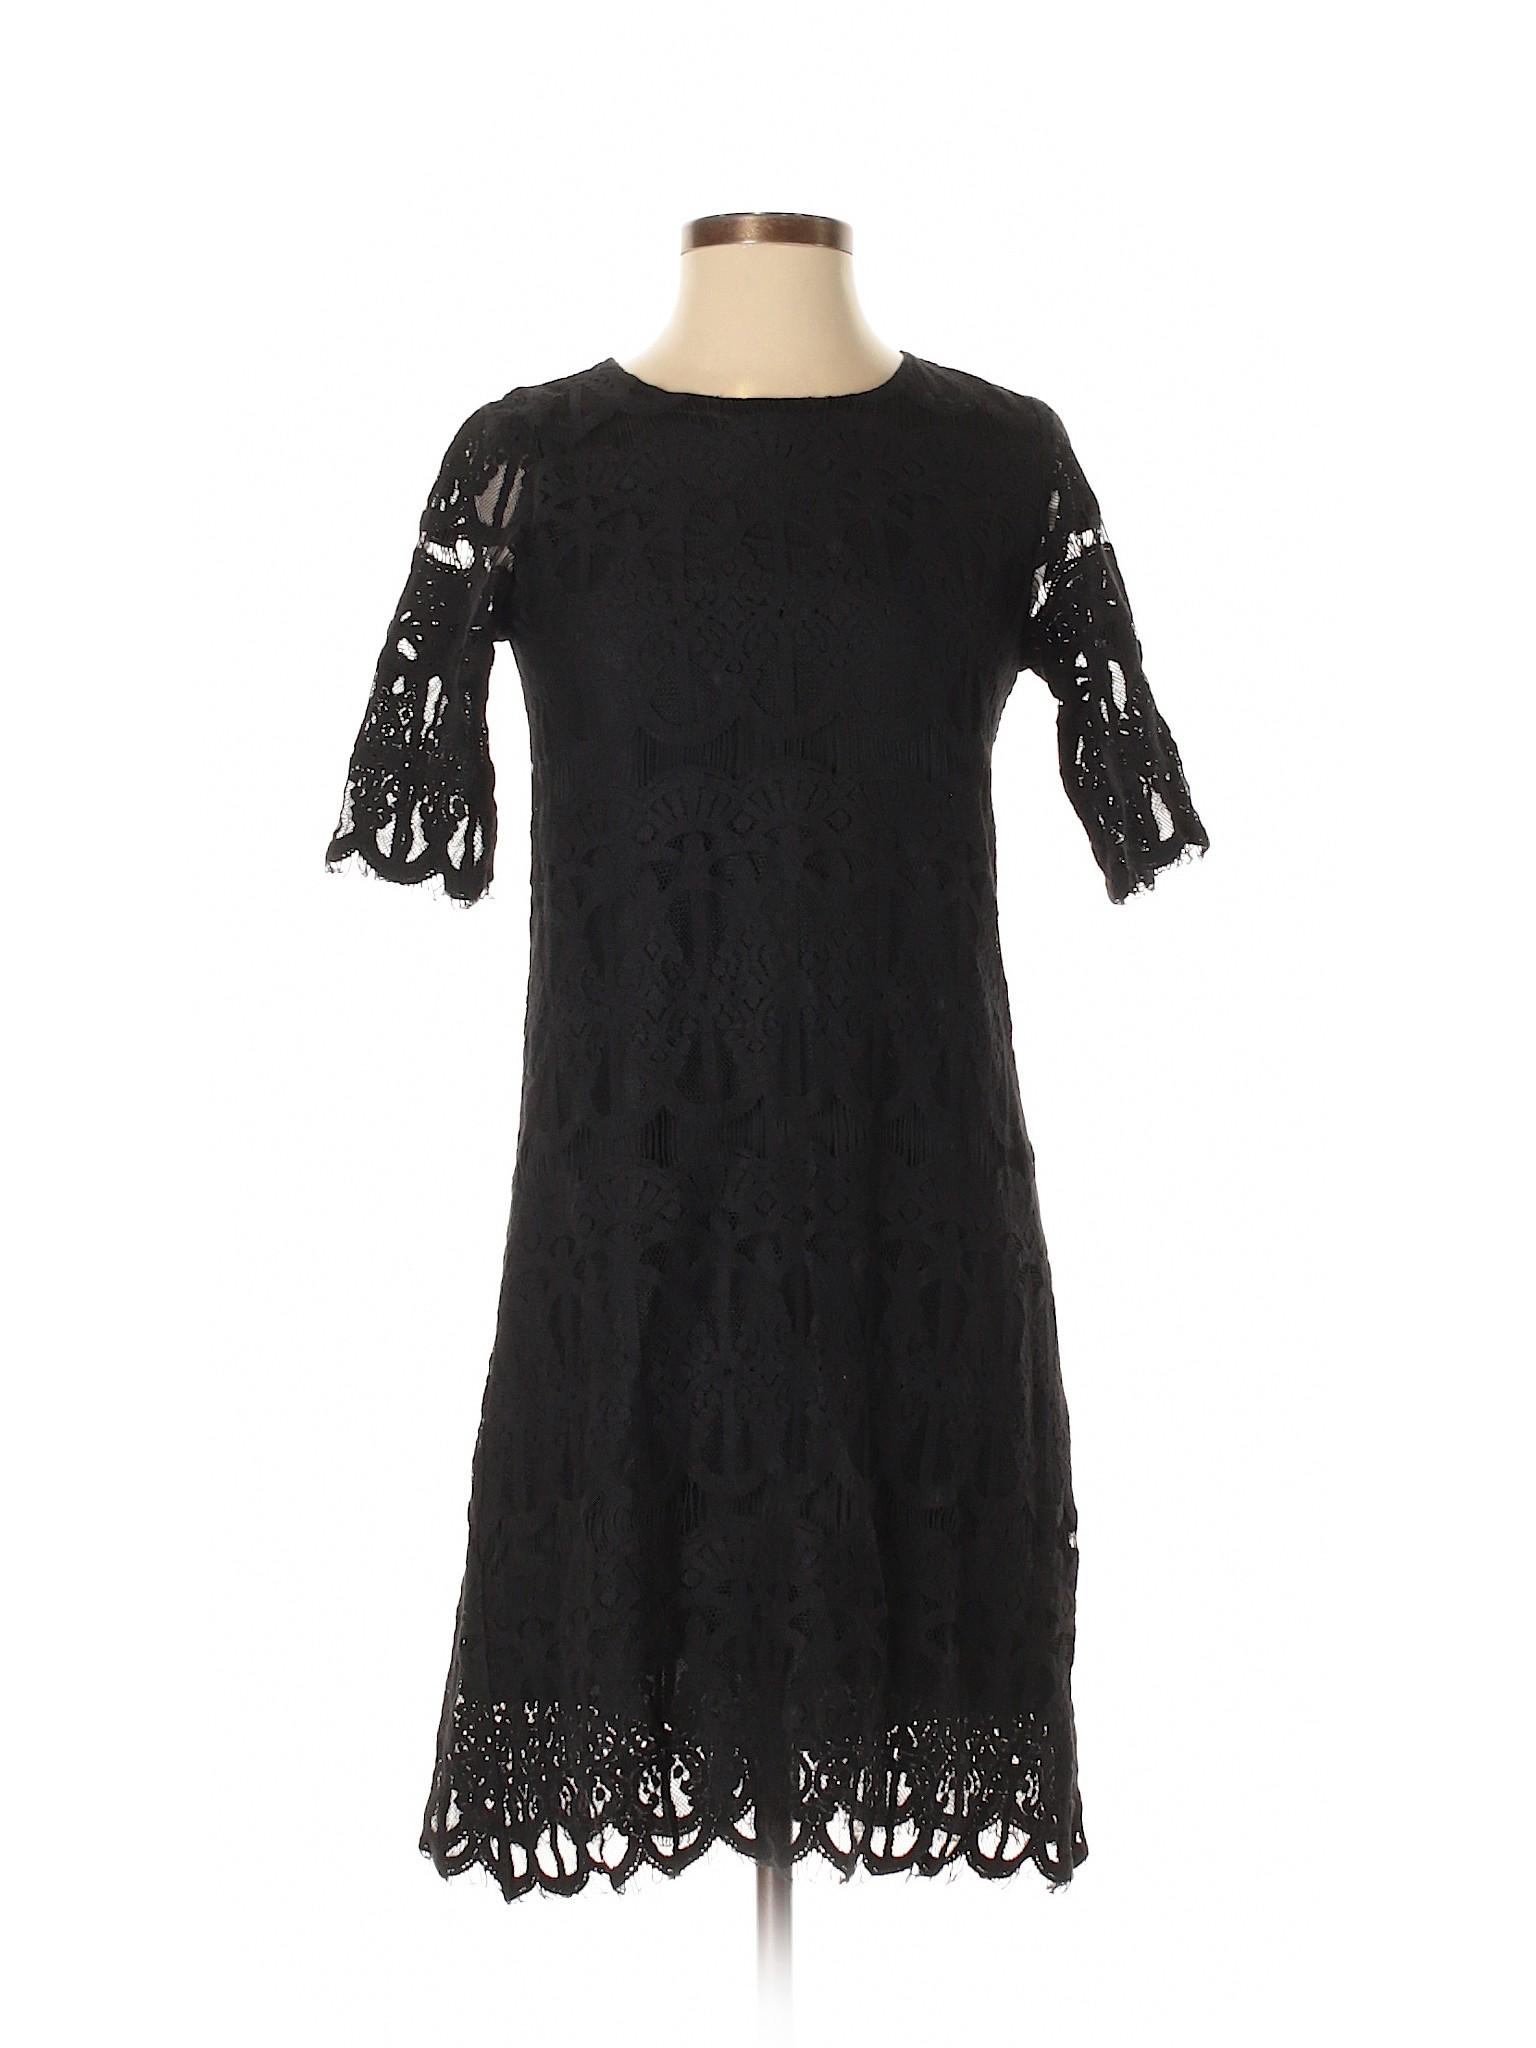 BCBGeneration Boutique winter Boutique BCBGeneration winter Dress Casual Dress Casual Boutique winter Casual BCBGeneration qOUAwHf